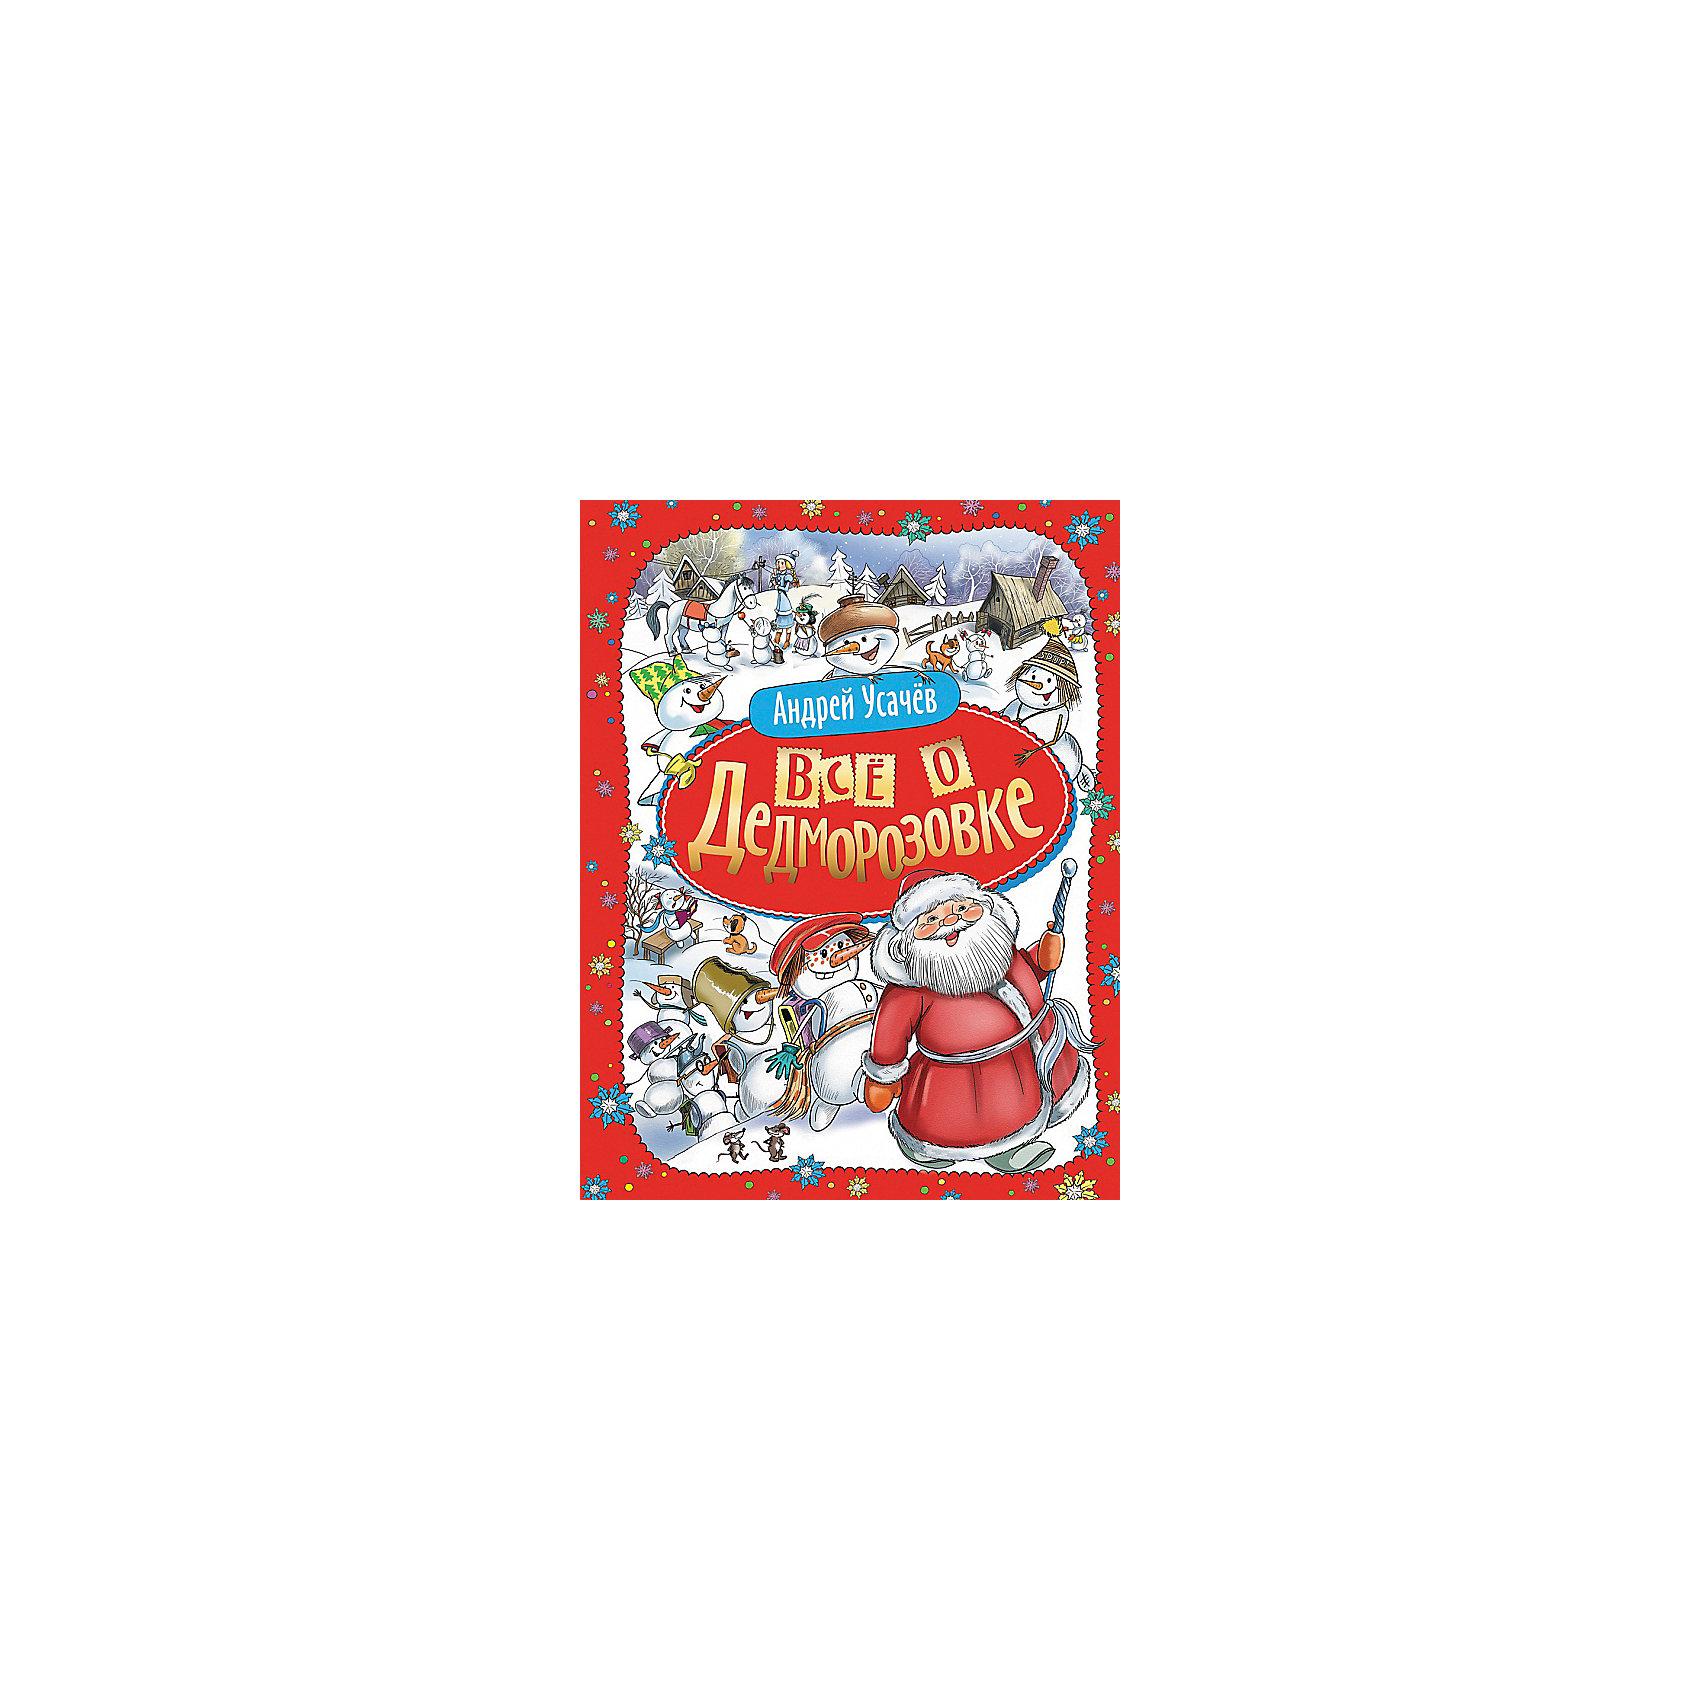 Все о Дедморозовке, А. УсачевДалеко на севере, где-то в Архангельской или Вологодской области, есть небольшая деревня Дедморозовка, в которой живут Дед Мороз и его внучка Снегурочка. А еще там живут помощники Деда Мороза - снеговики и снеговички.&#13;<br>Придумал эту деревню замечательный детский писатель Андрей Усачев, великолепный детский художник-иллюстратор Виктор Чижиков нарисовал жителей Дедморозовки, а талантливые художницы Екатерина и Елена Здорновы помогли Виктору Чижикову создать рисунки к книге.&#13; В эту книгу вошли все сказочные истории о Дедморозовке и ее жителях.<br><br>Дополнительная информация: <br><br>- Автор: А. Усачев.<br>- Иллюстраторы: Екатерина Здорнова, Елена Здорнова, Виктор Чижиков.<br>- Иллюстрации: цветные.<br>- Формат: 20,5х26 см.<br>- Переплет: твердый.<br>- Количество страниц: 336.<br><br>Книгу Все о Дедморозовке, А. Усачева можно купить в нашем магазине.<br><br>Ширина мм: 265<br>Глубина мм: 200<br>Высота мм: 25<br>Вес г: 1020<br>Возраст от месяцев: 60<br>Возраст до месяцев: 84<br>Пол: Унисекс<br>Возраст: Детский<br>SKU: 4323872